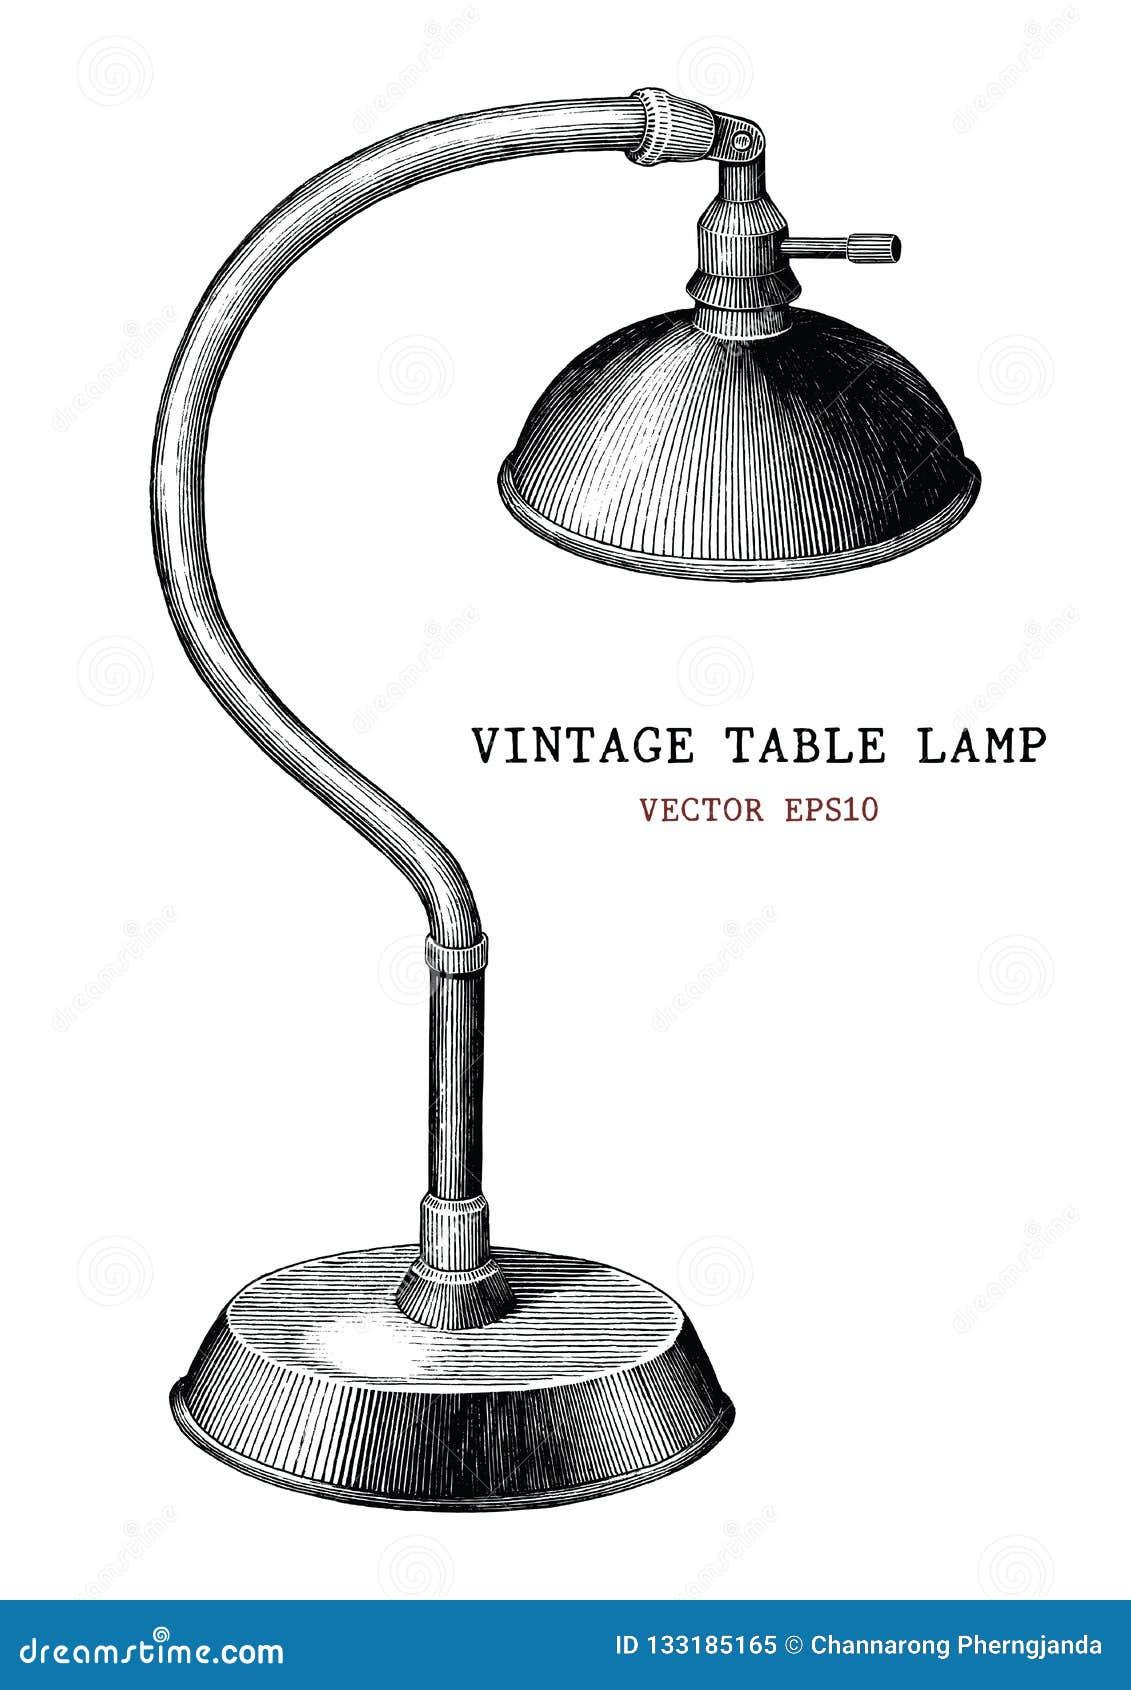 葡萄酒台灯手刻记古色古香的样式iso的凹道葡萄酒